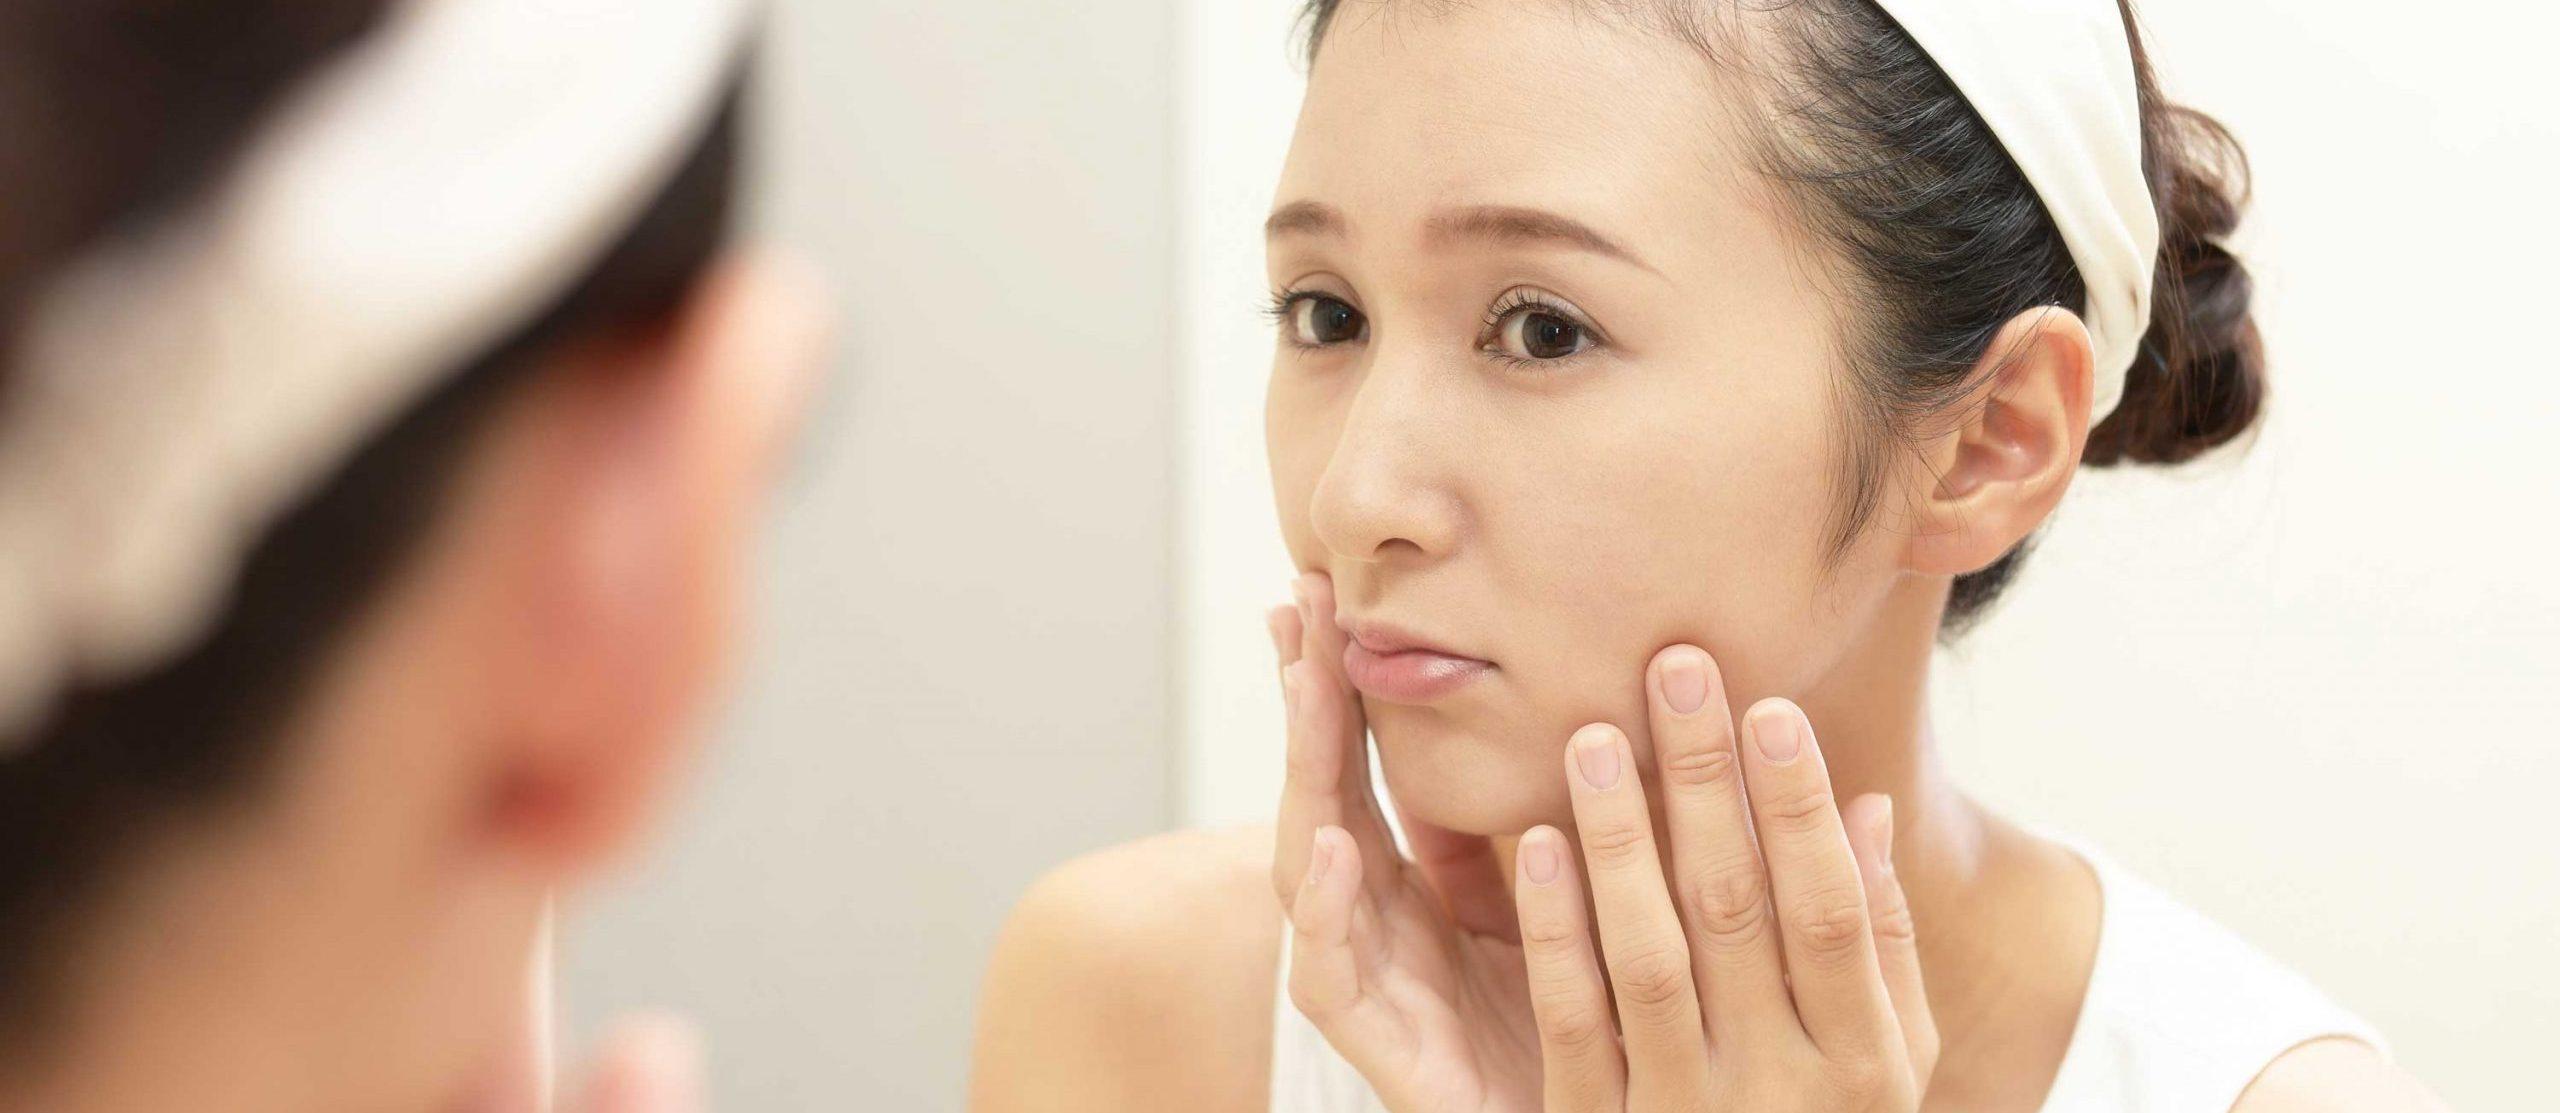 美容医療 郡山で美容治療が受けられる歯医者